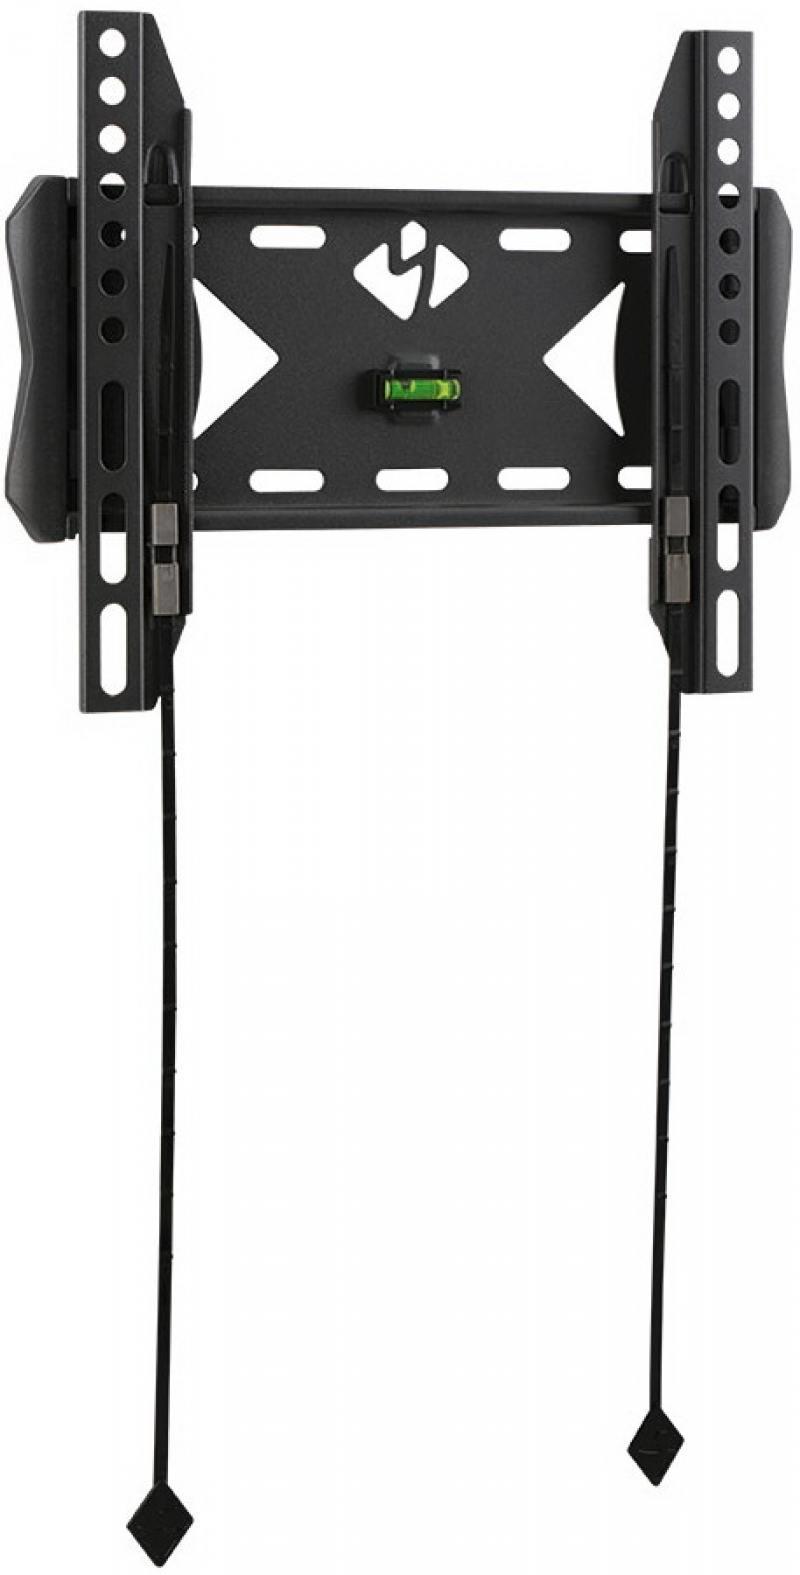 Кронштейн kromax FLAT-5 черный LCD/LED и плазма тв 15-40 настенный VESA 200x200мм кронштейн для тв kromax star 11